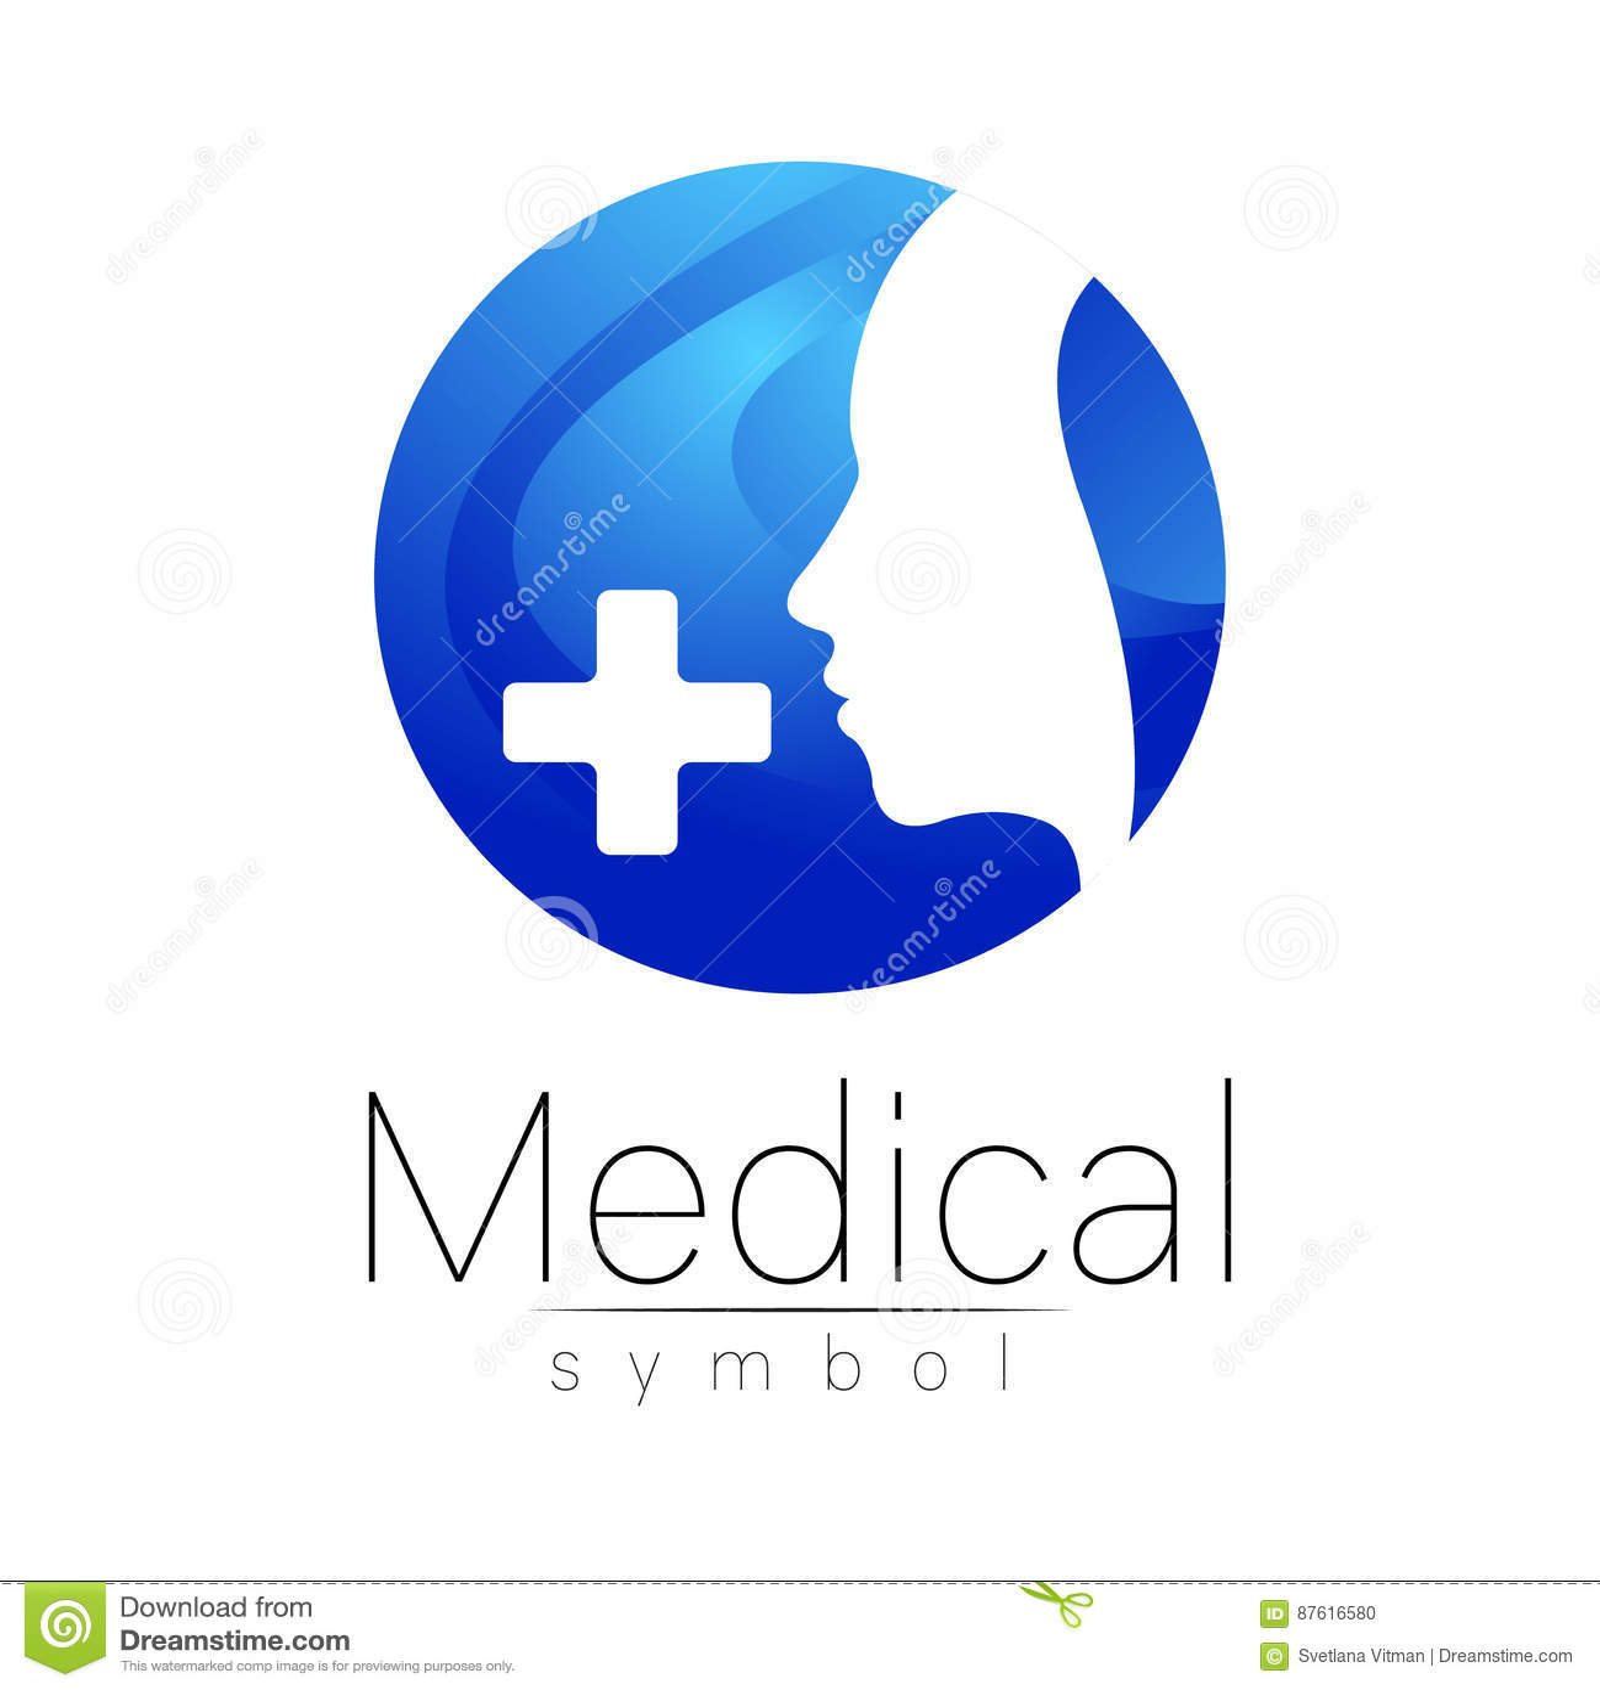 Dirigez Le Signe Mdical Avec La Croix Profil Humain Symbole Pour Des Mdecins Site Web Carte De Visite Icne Couleur Bleue Conception Lavant Projet